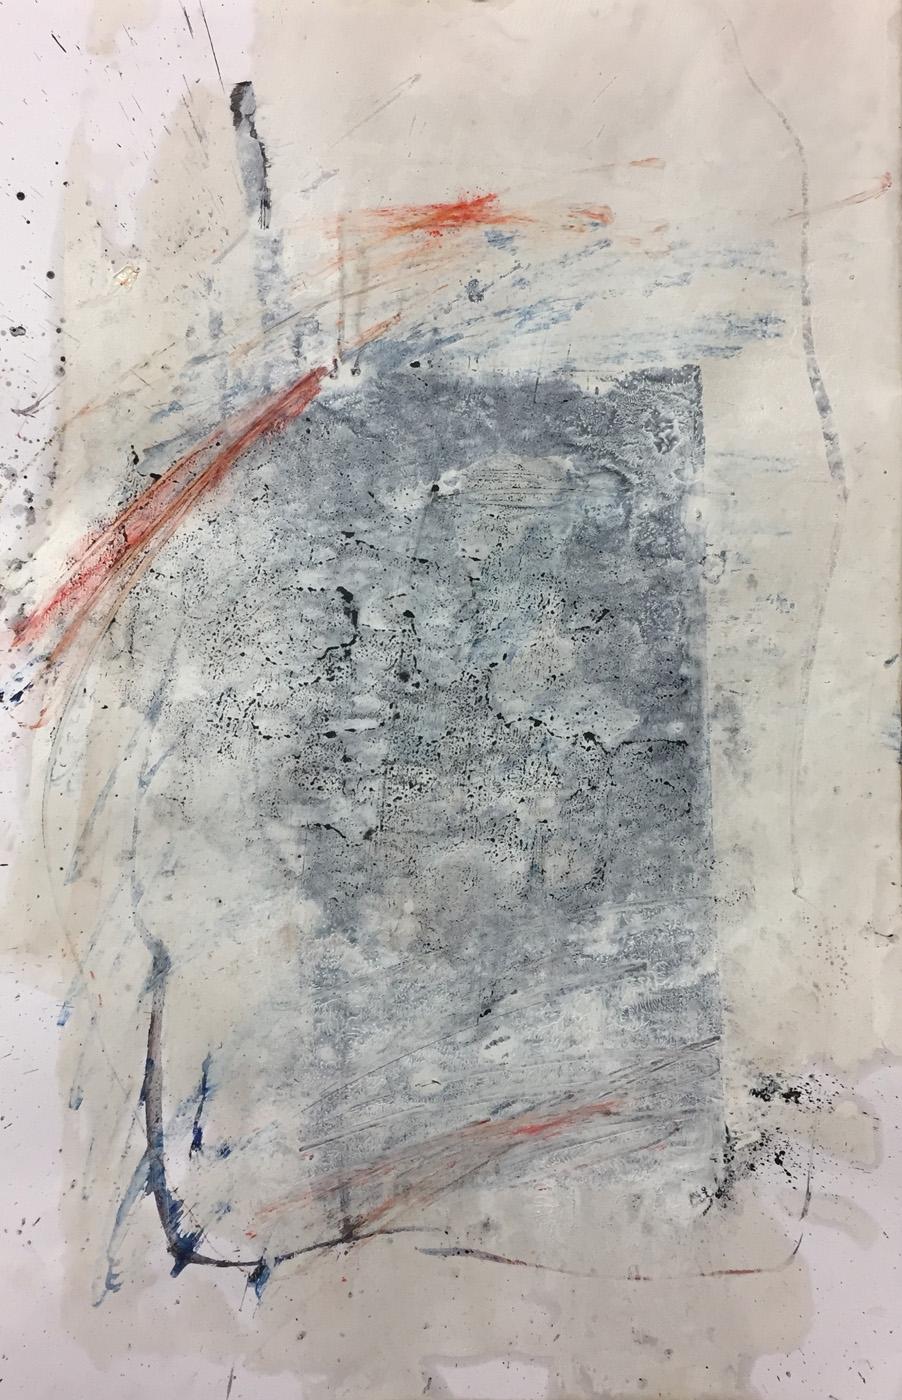 MARC FELD 2019 RUISSEAU 1 Gouache, acrylique et pigment sur papier 50 x 32 cm